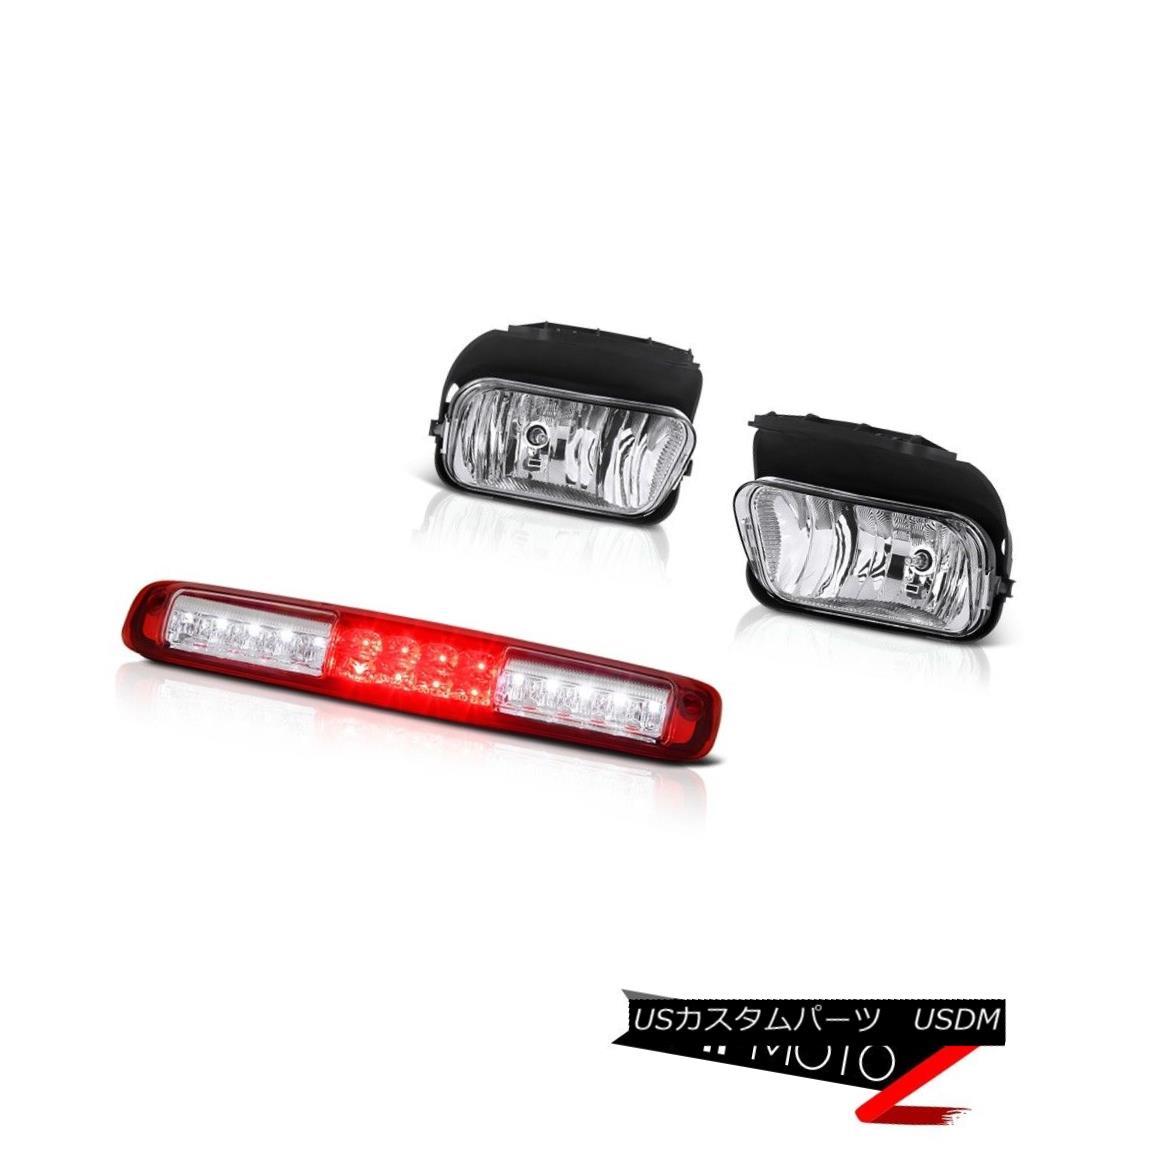 テールライト 03 04 05 06 Chevy Silverado 1500 Red 3RD Brake Lamp Sterling Chrome Foglights 03 04 05 06 Chevy Silverado 1500レッド3RDブレーキランプスターリングクロムフォグライト